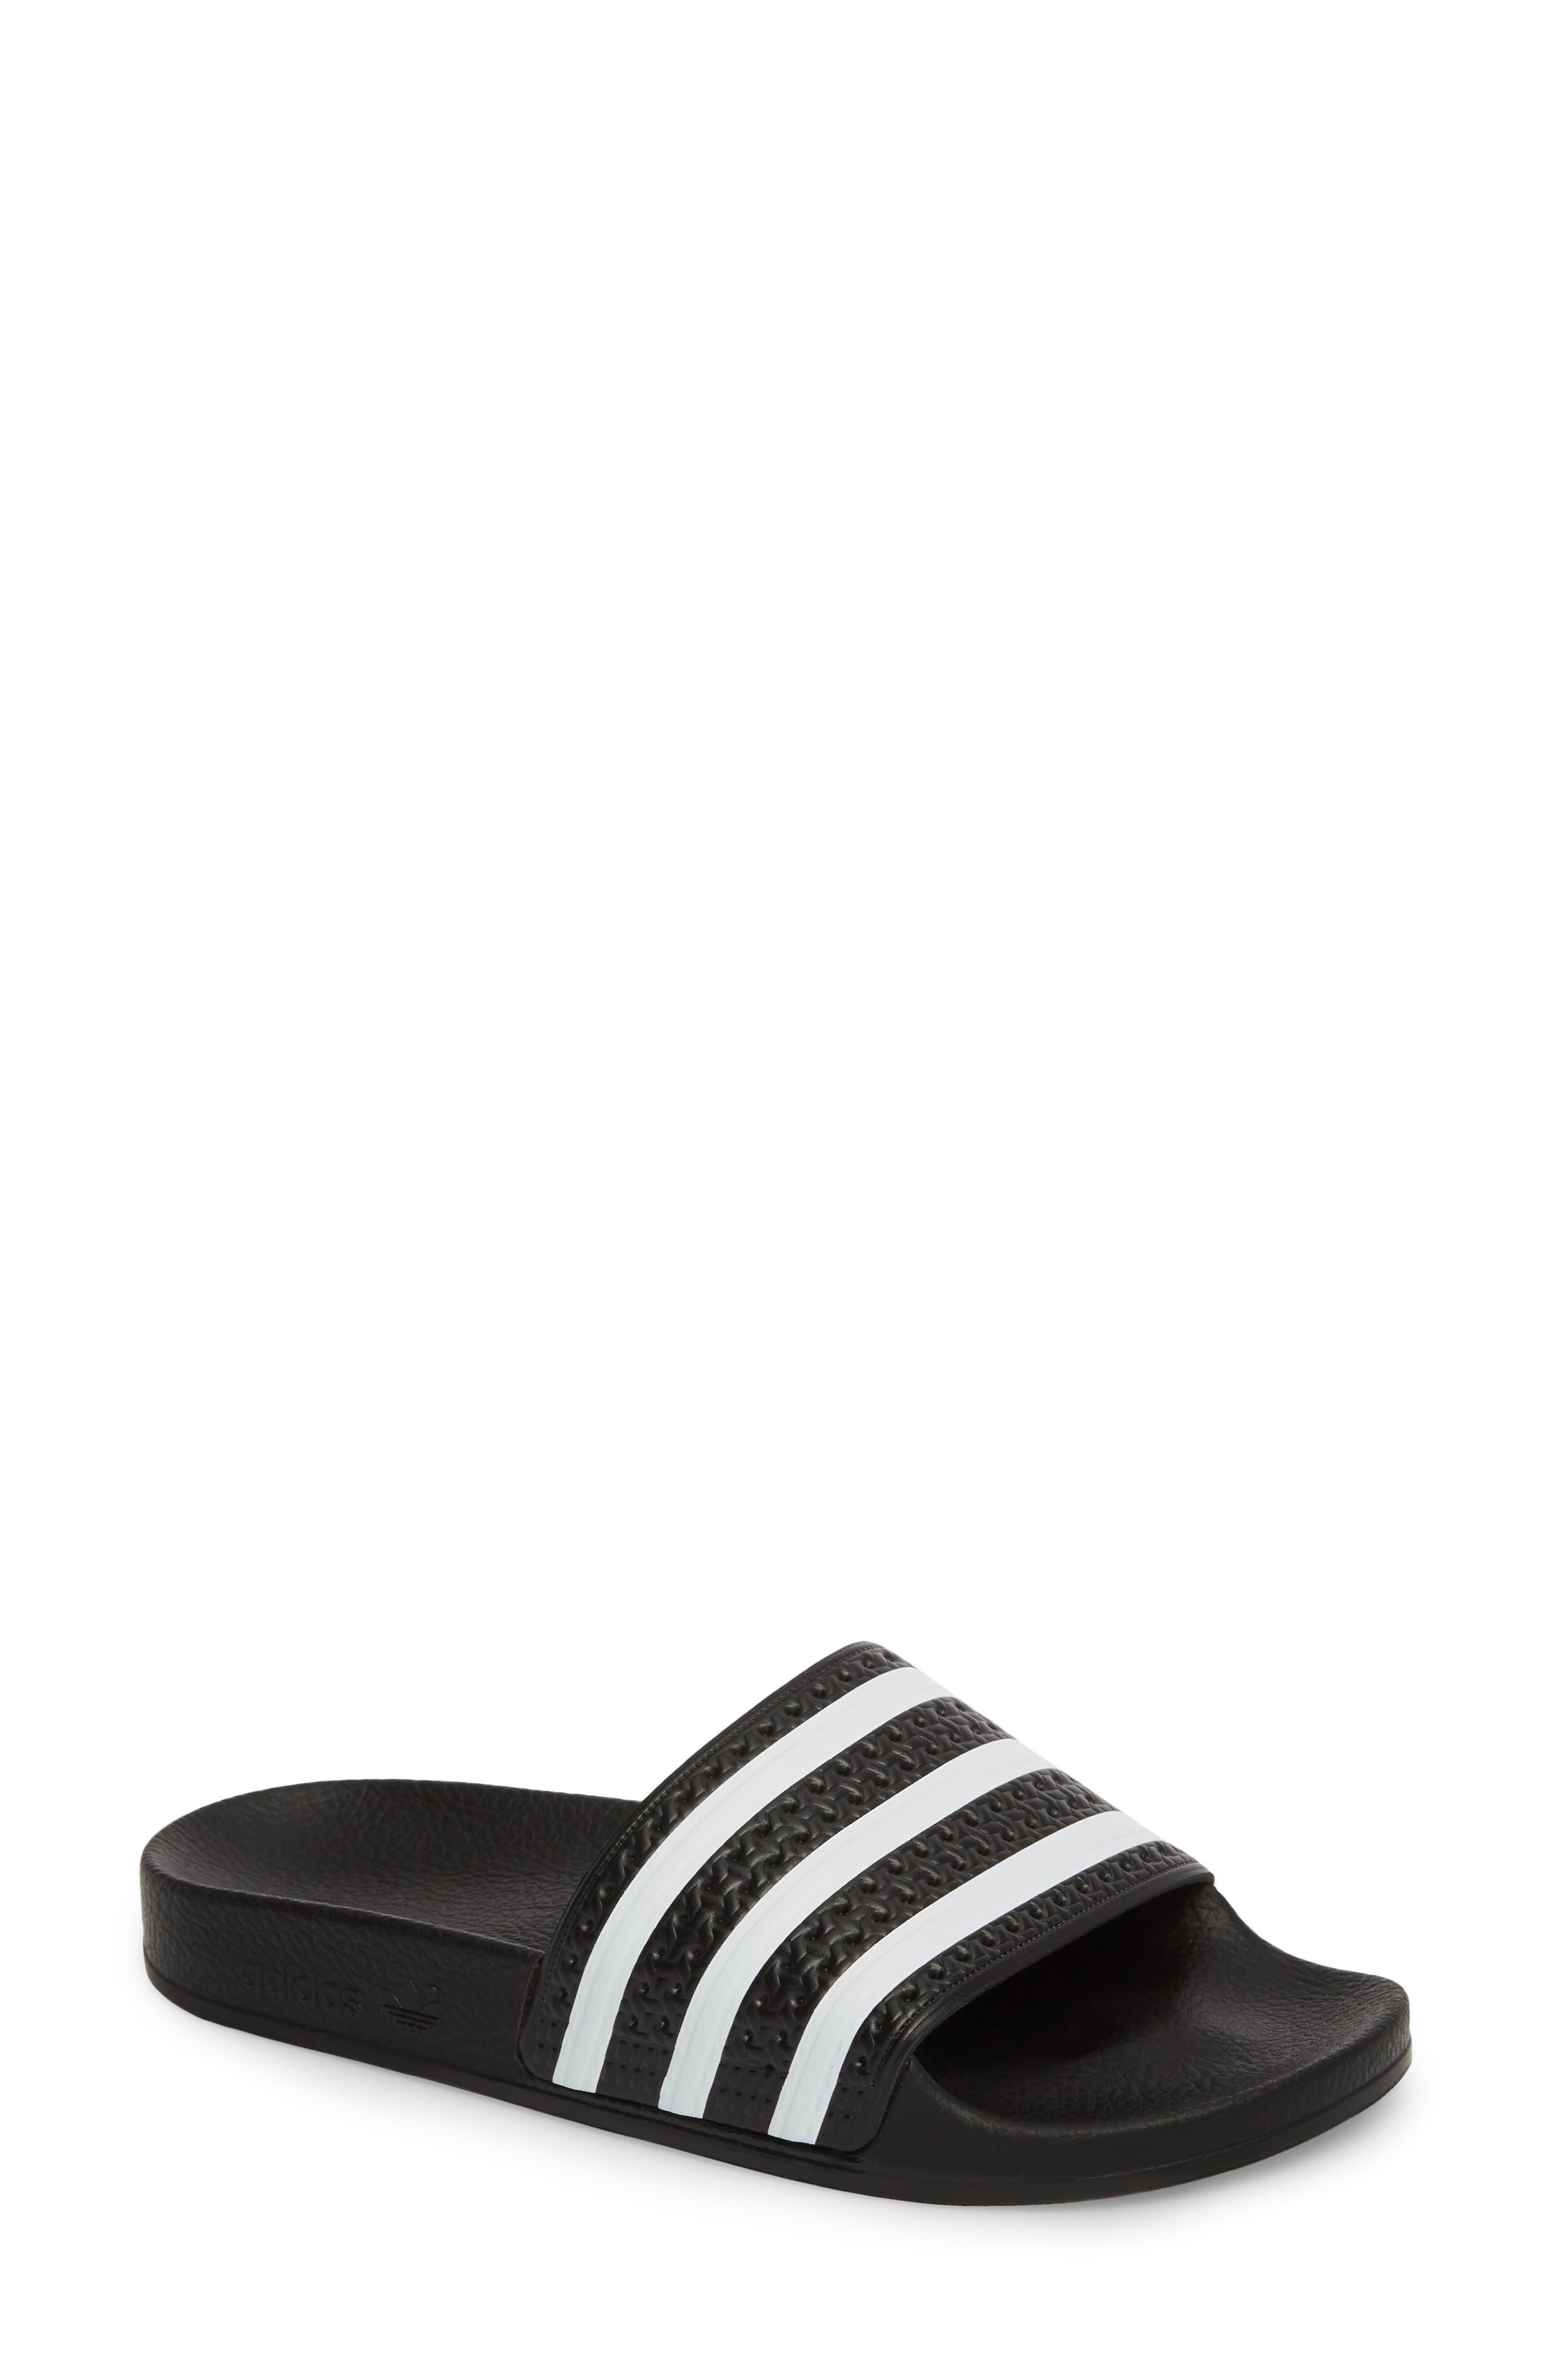 'Adilette' Slide Sandal,                             Main thumbnail 1, color,                             CORE BLACK/ WHITE/ CORE BLACK